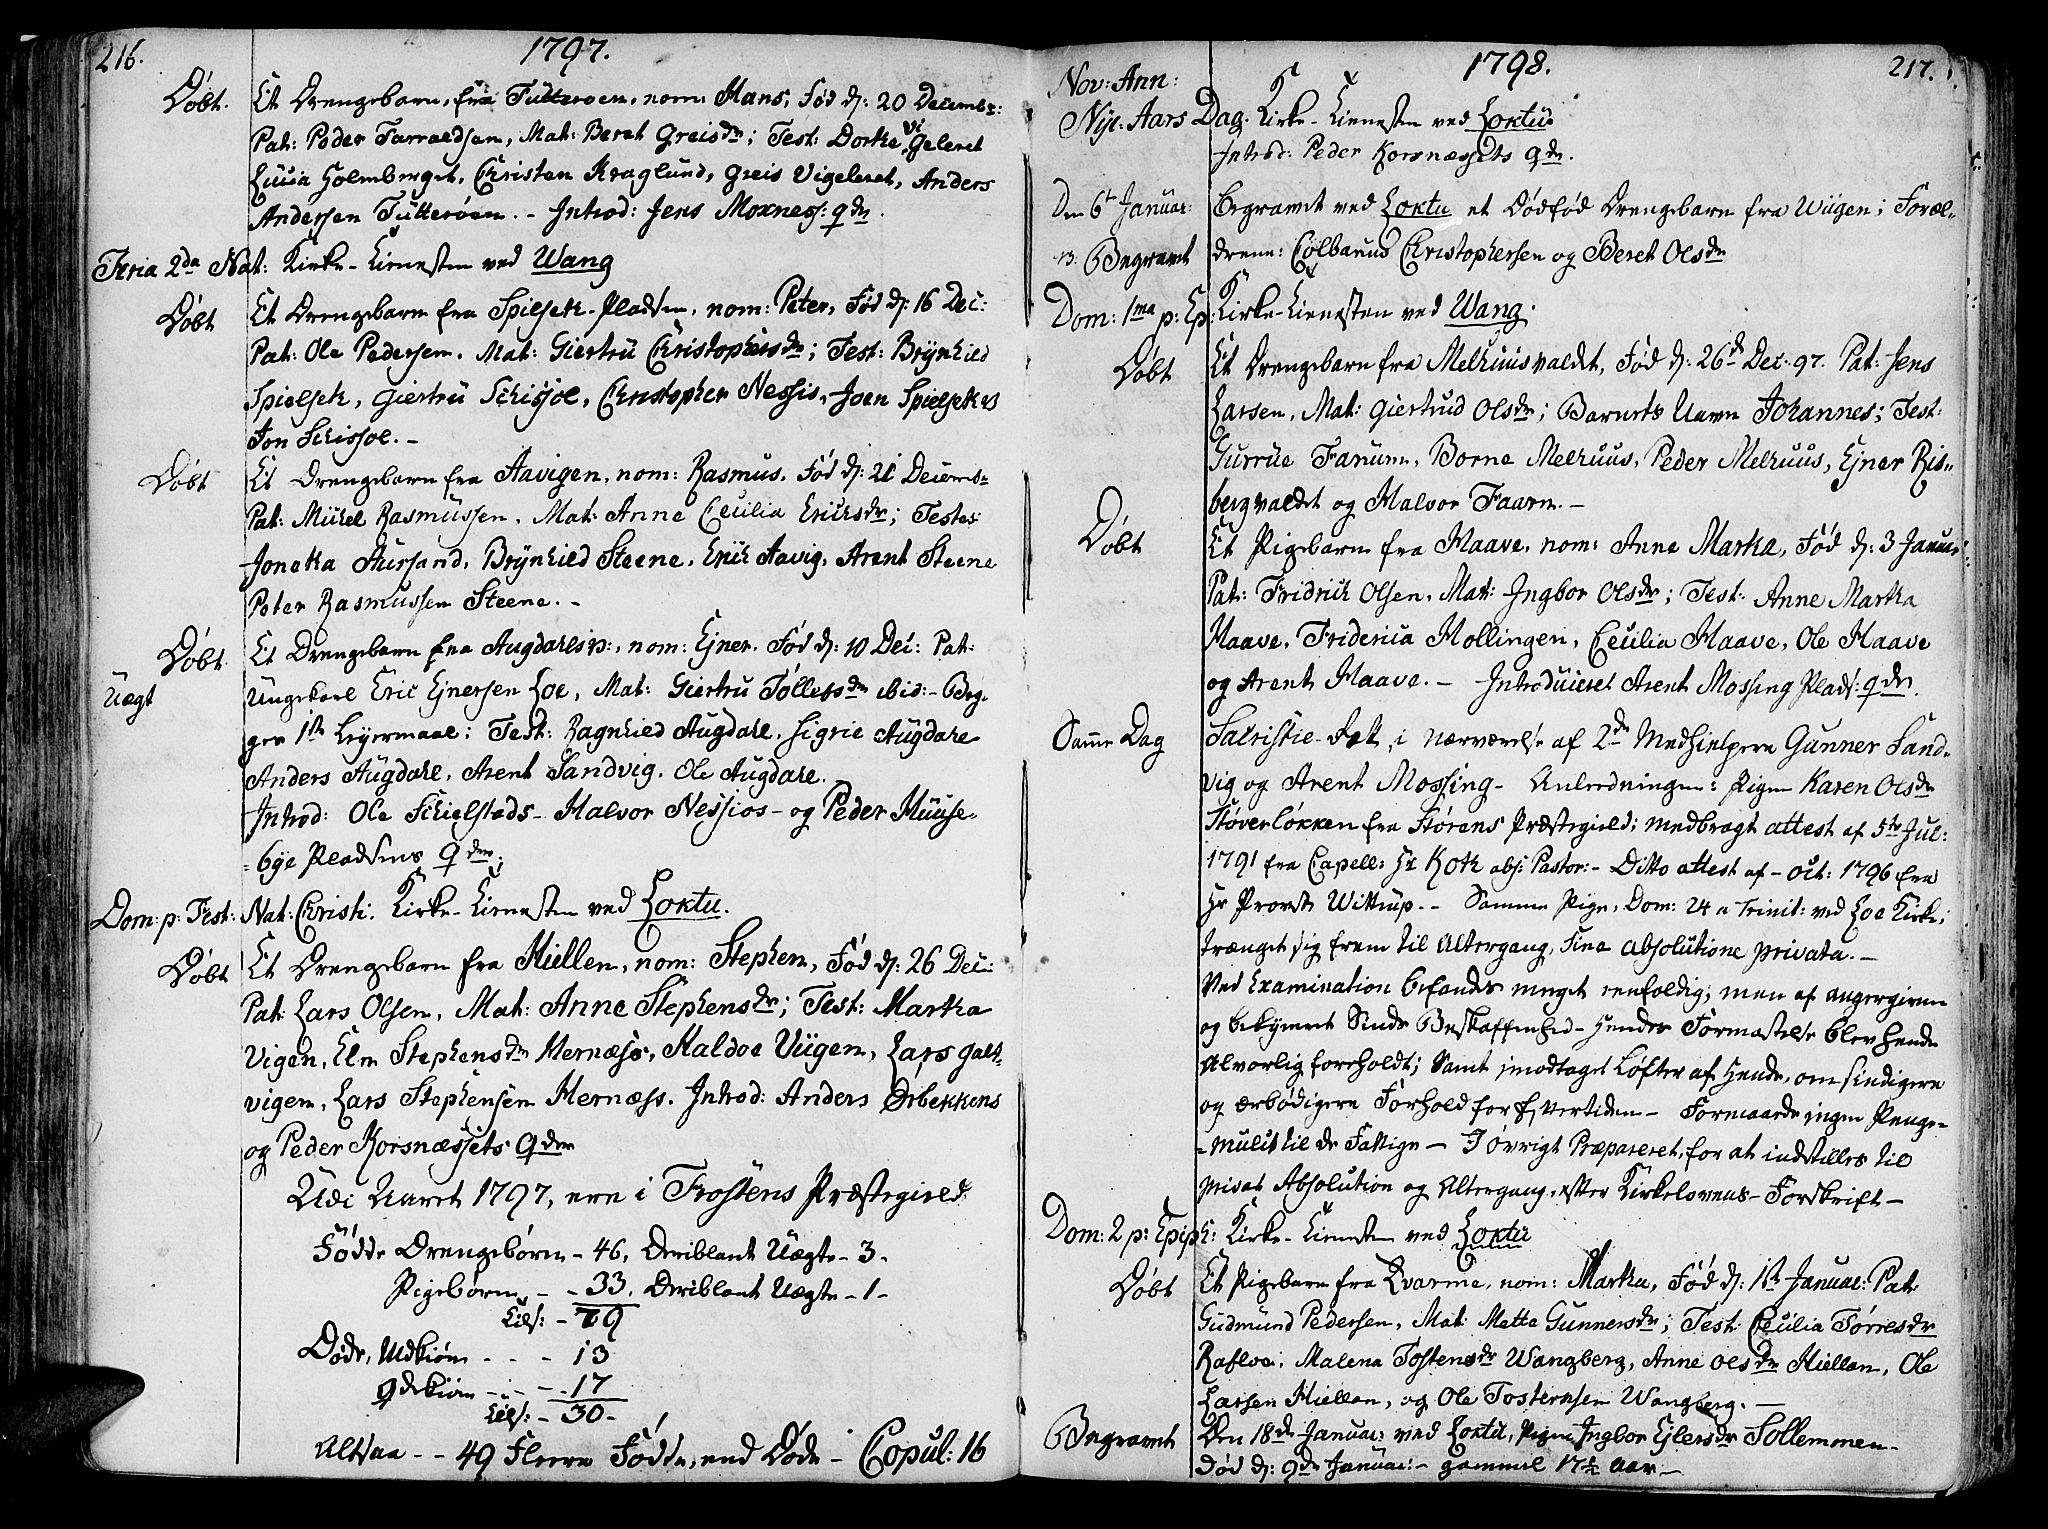 SAT, Ministerialprotokoller, klokkerbøker og fødselsregistre - Nord-Trøndelag, 713/L0110: Ministerialbok nr. 713A02, 1778-1811, s. 216-217